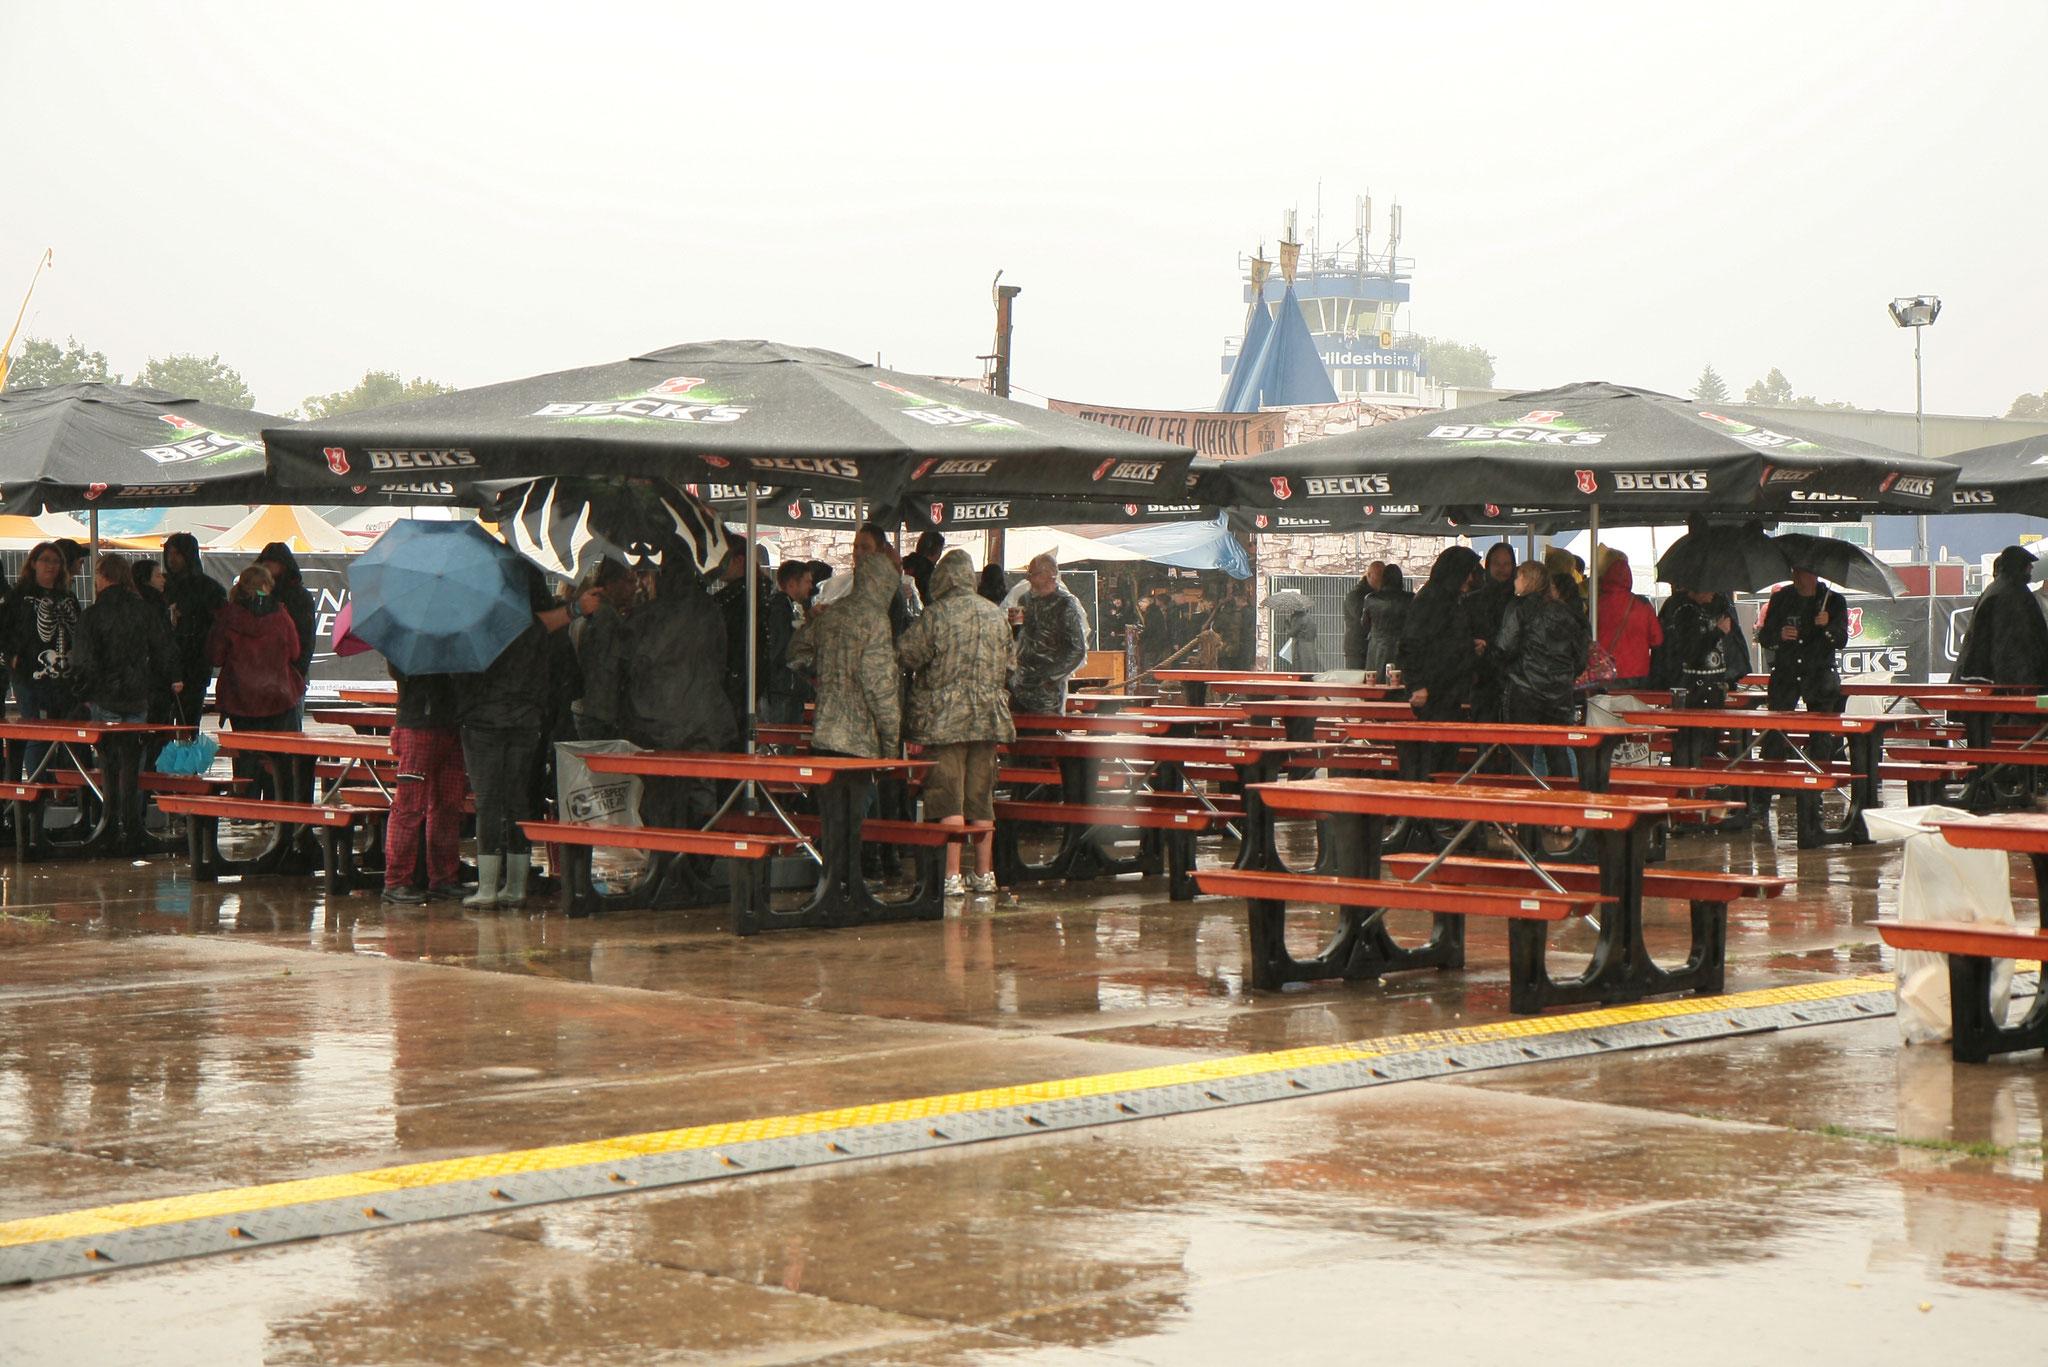 M'era Luna 2017 -  Gothik Festival unter Plastikumhängen und Regenschirmen